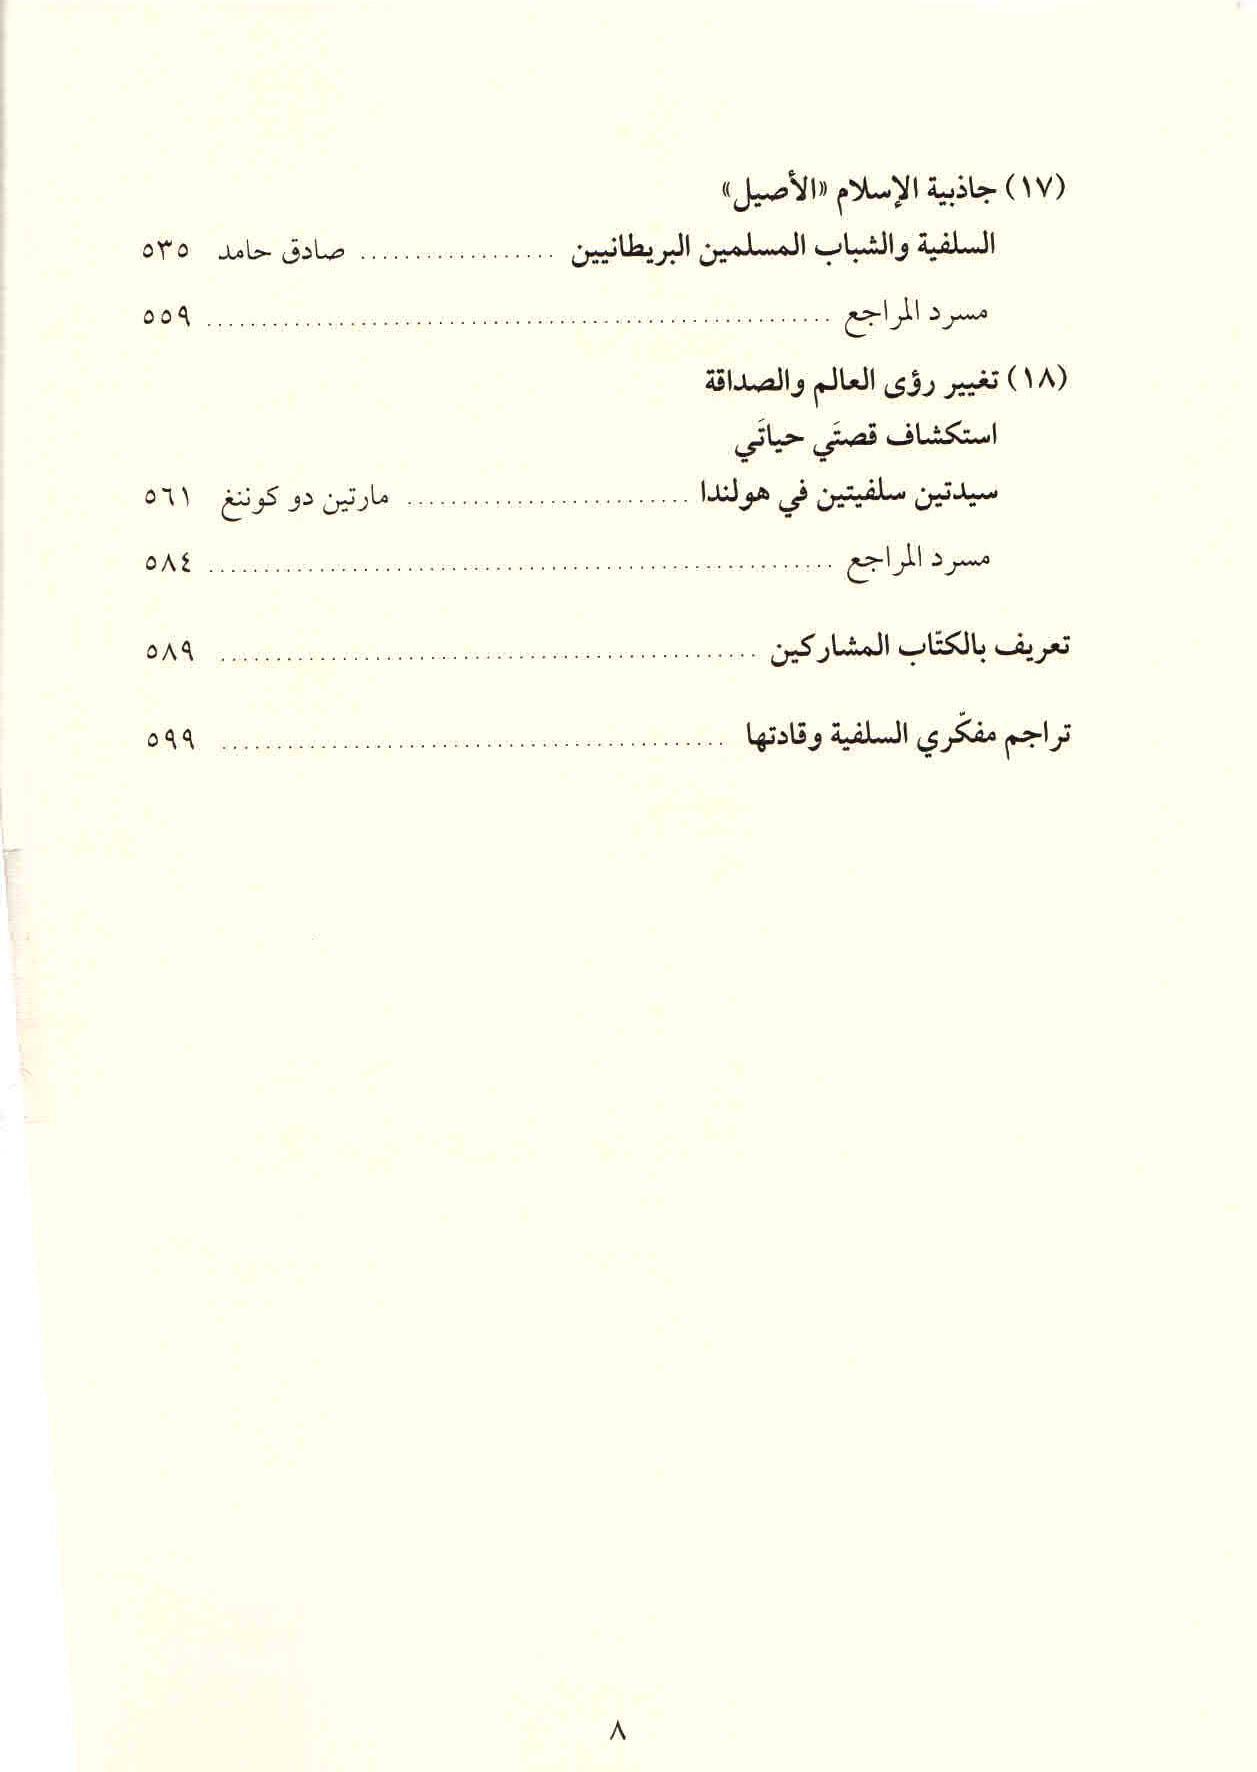 ص8 محتويات كتاب السلفية العالمية